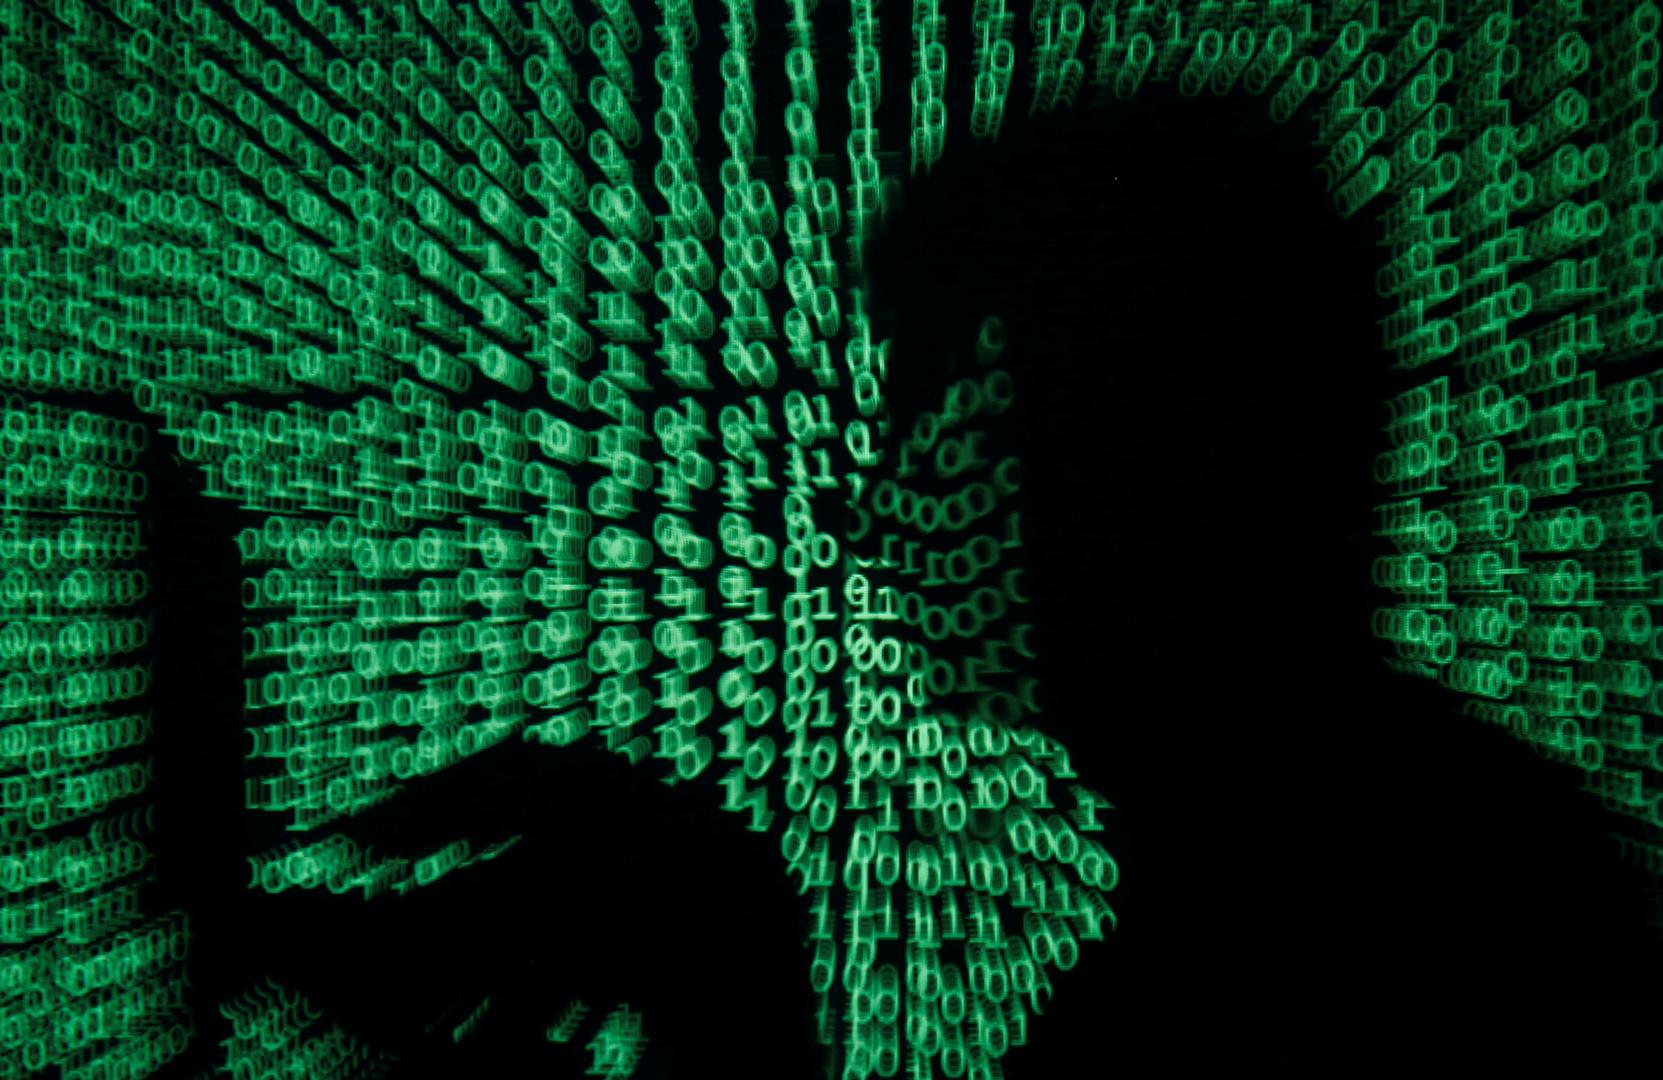 تقرير: قراصنة صينيون استغلوا خللا في تطبيق البريد الإلكتروني من